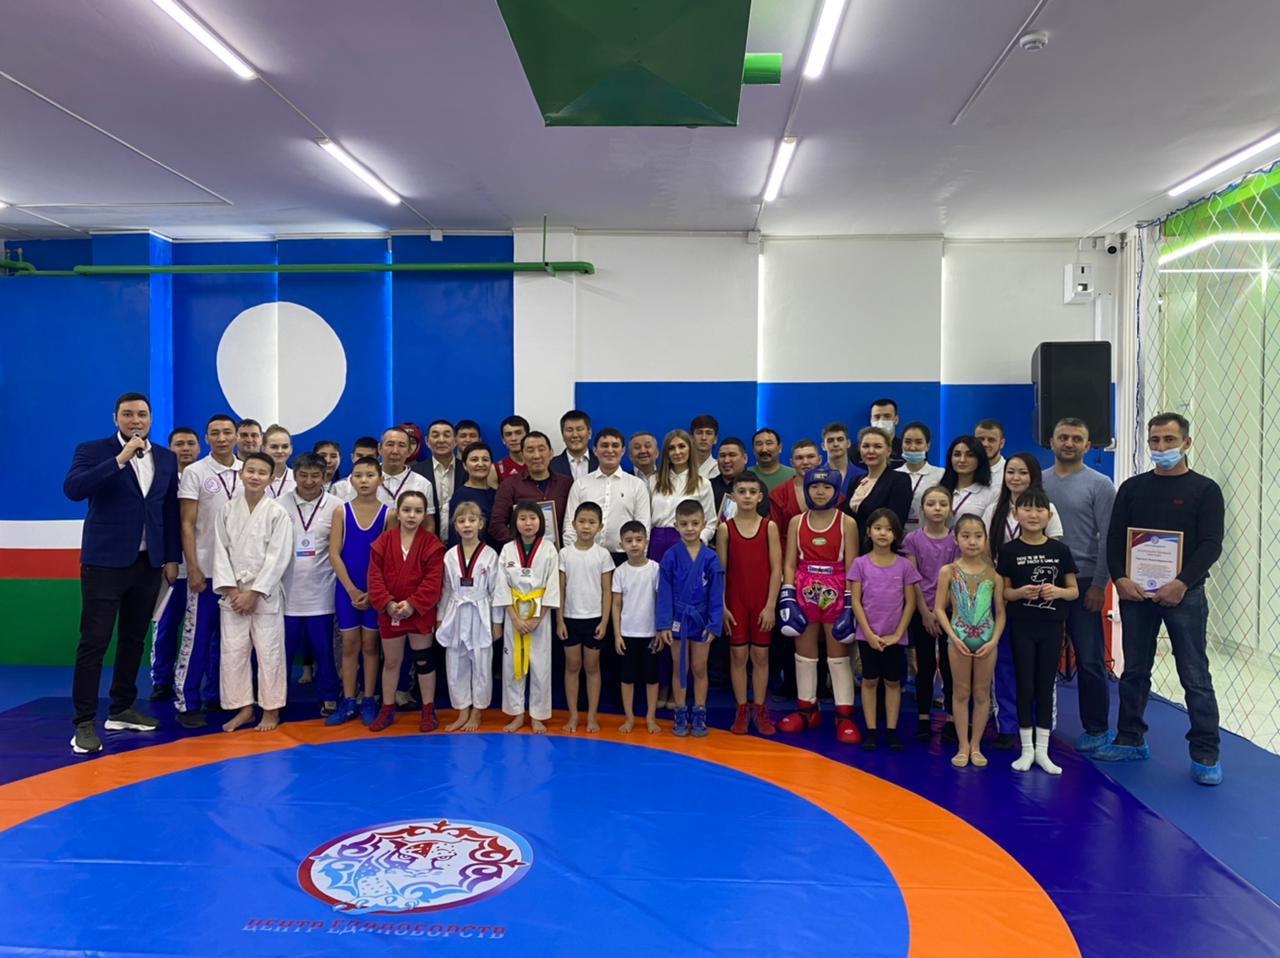 Не только про спорт. В Якутске реализуют социальный проект «Дети 17-го»